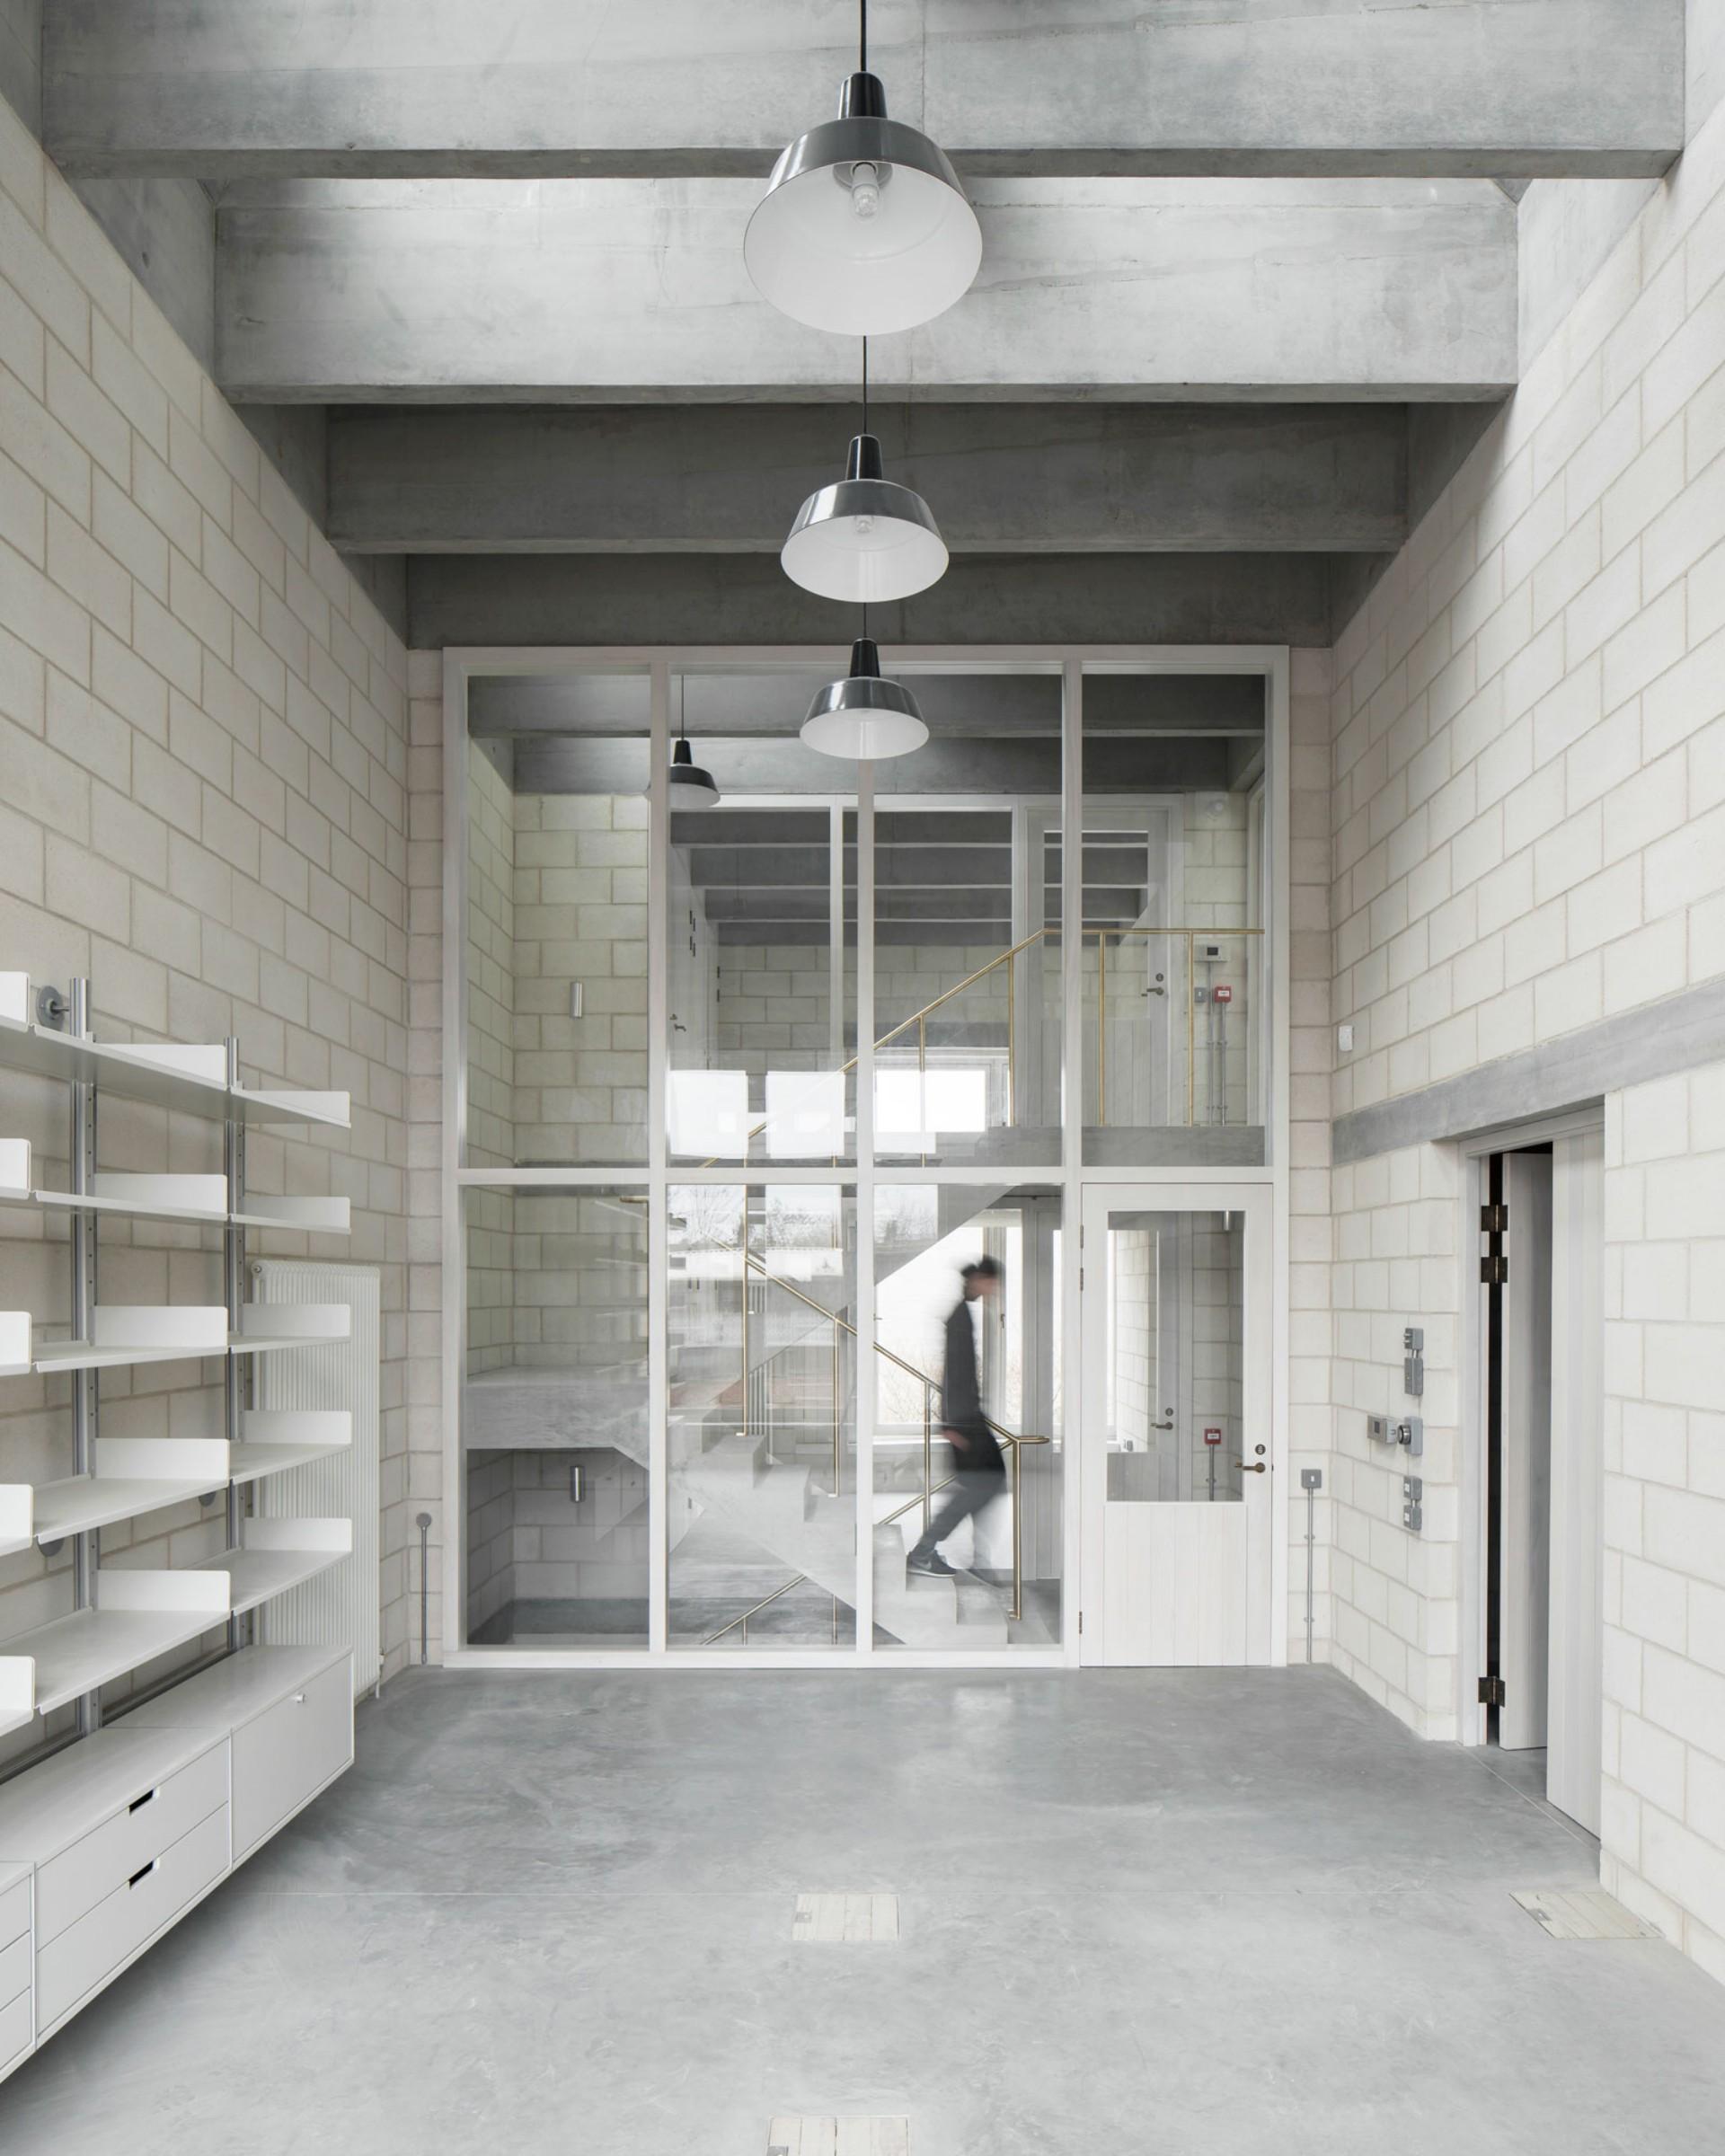 Gemütlich Kreative Küche Designs Beckenham Zeitgenössisch - Ideen ...